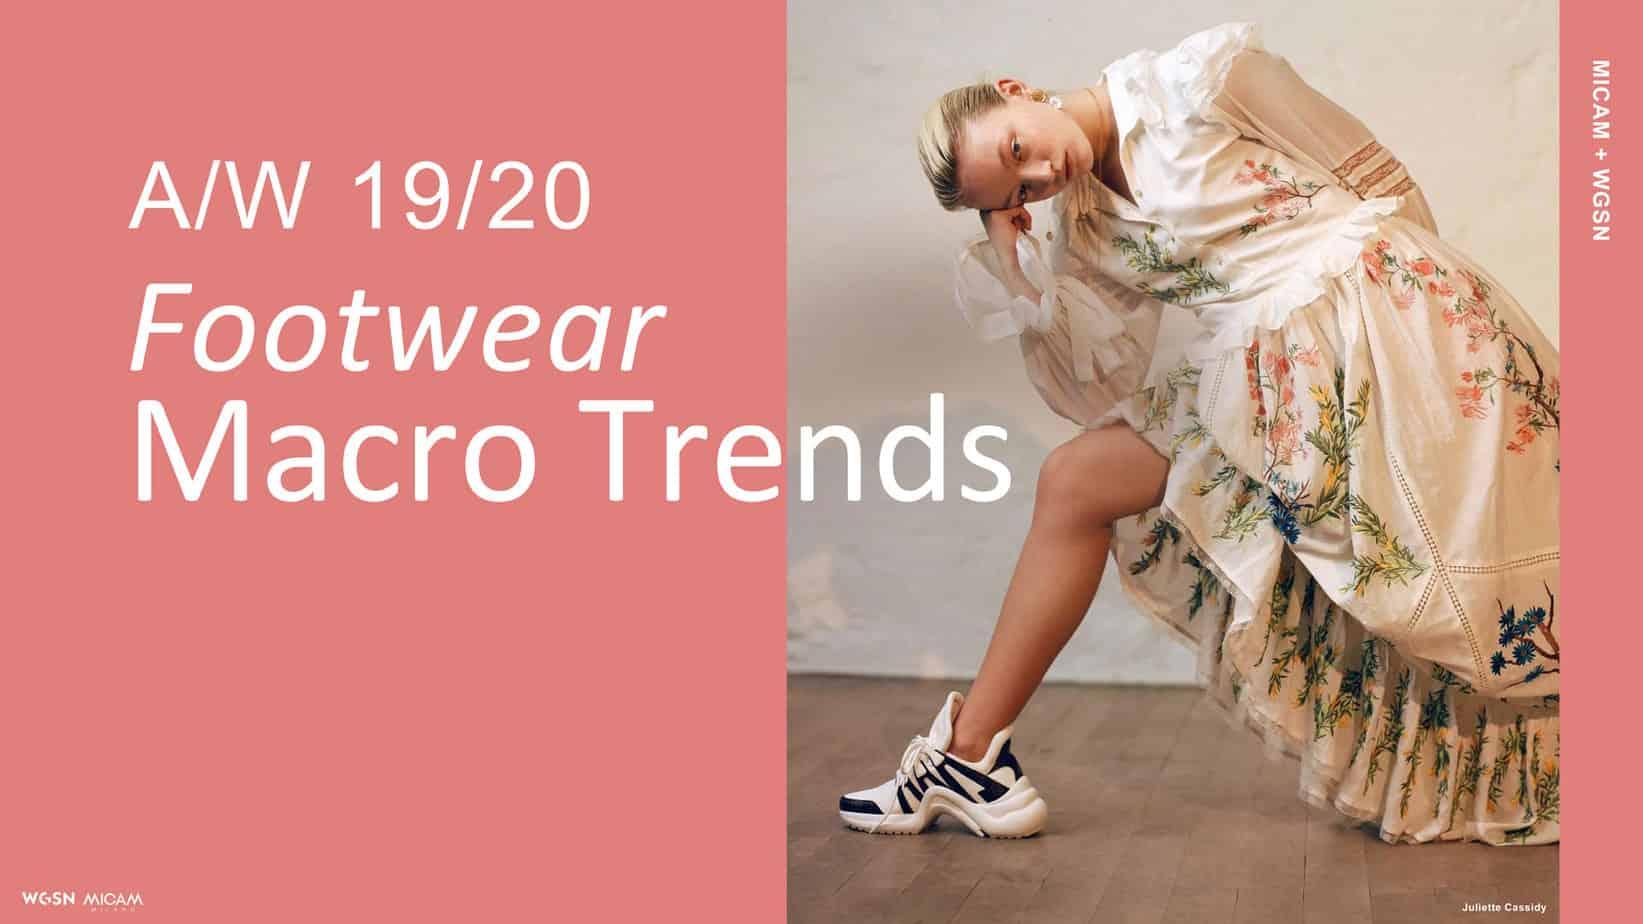 A/W 19/20 Footwear Macro Trends